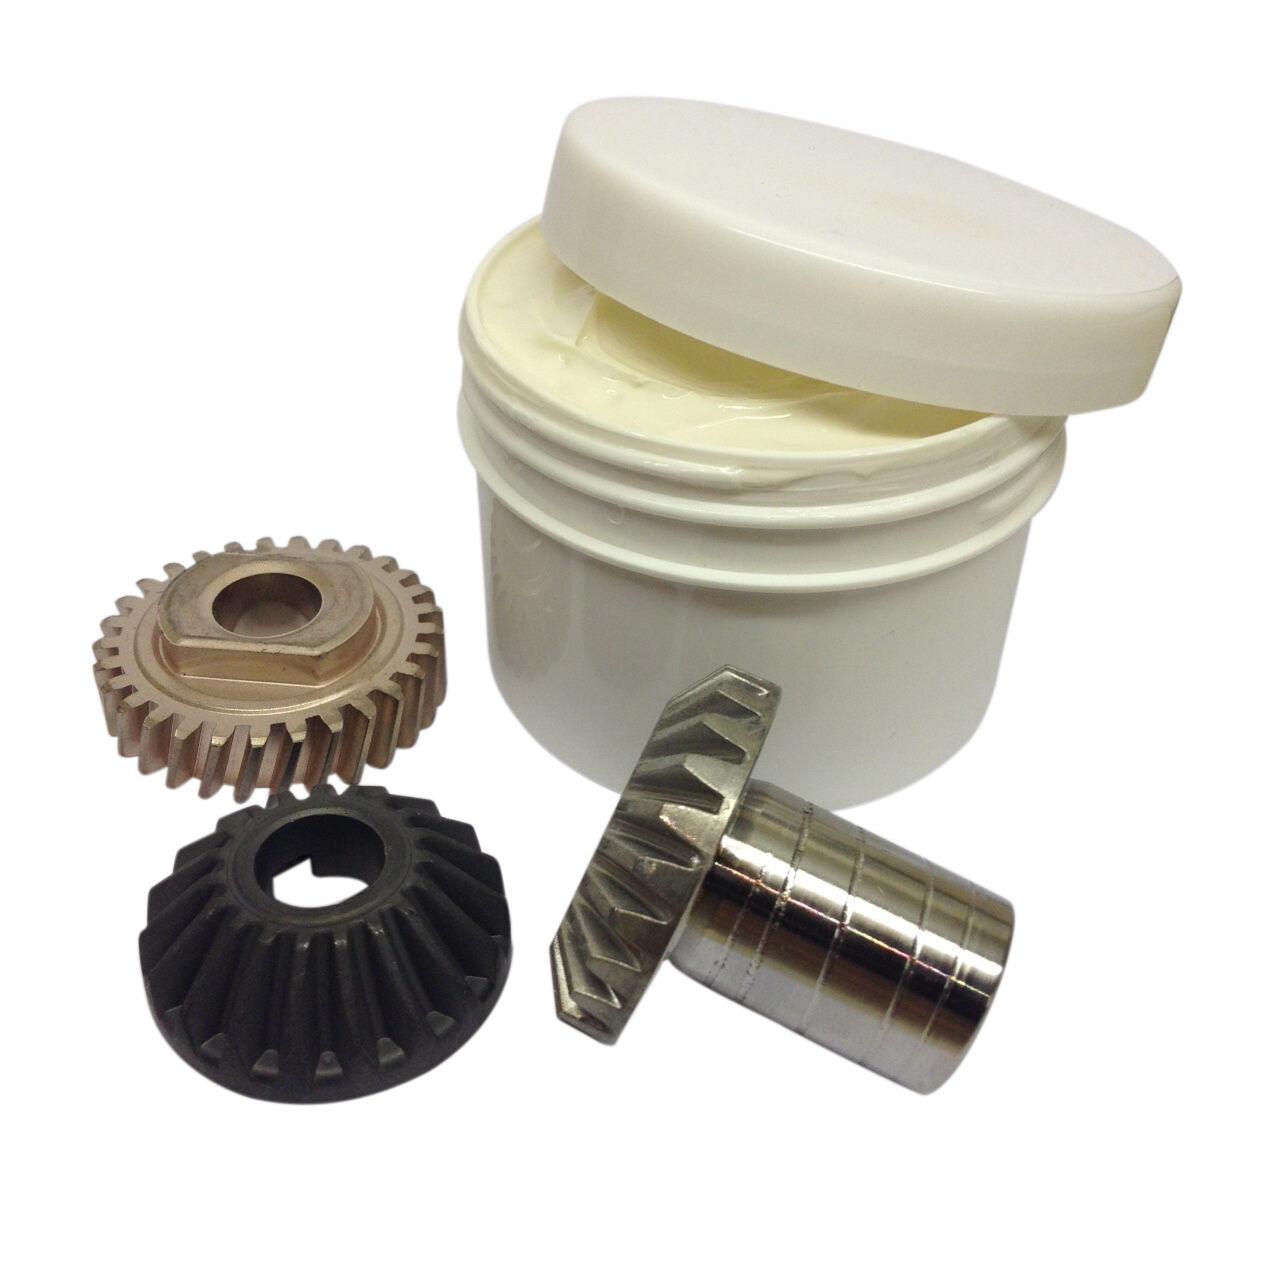 Kitchenaid batteur 6QT ver suiveur, biseautés gear, Hub Lecteur Gear & graisse